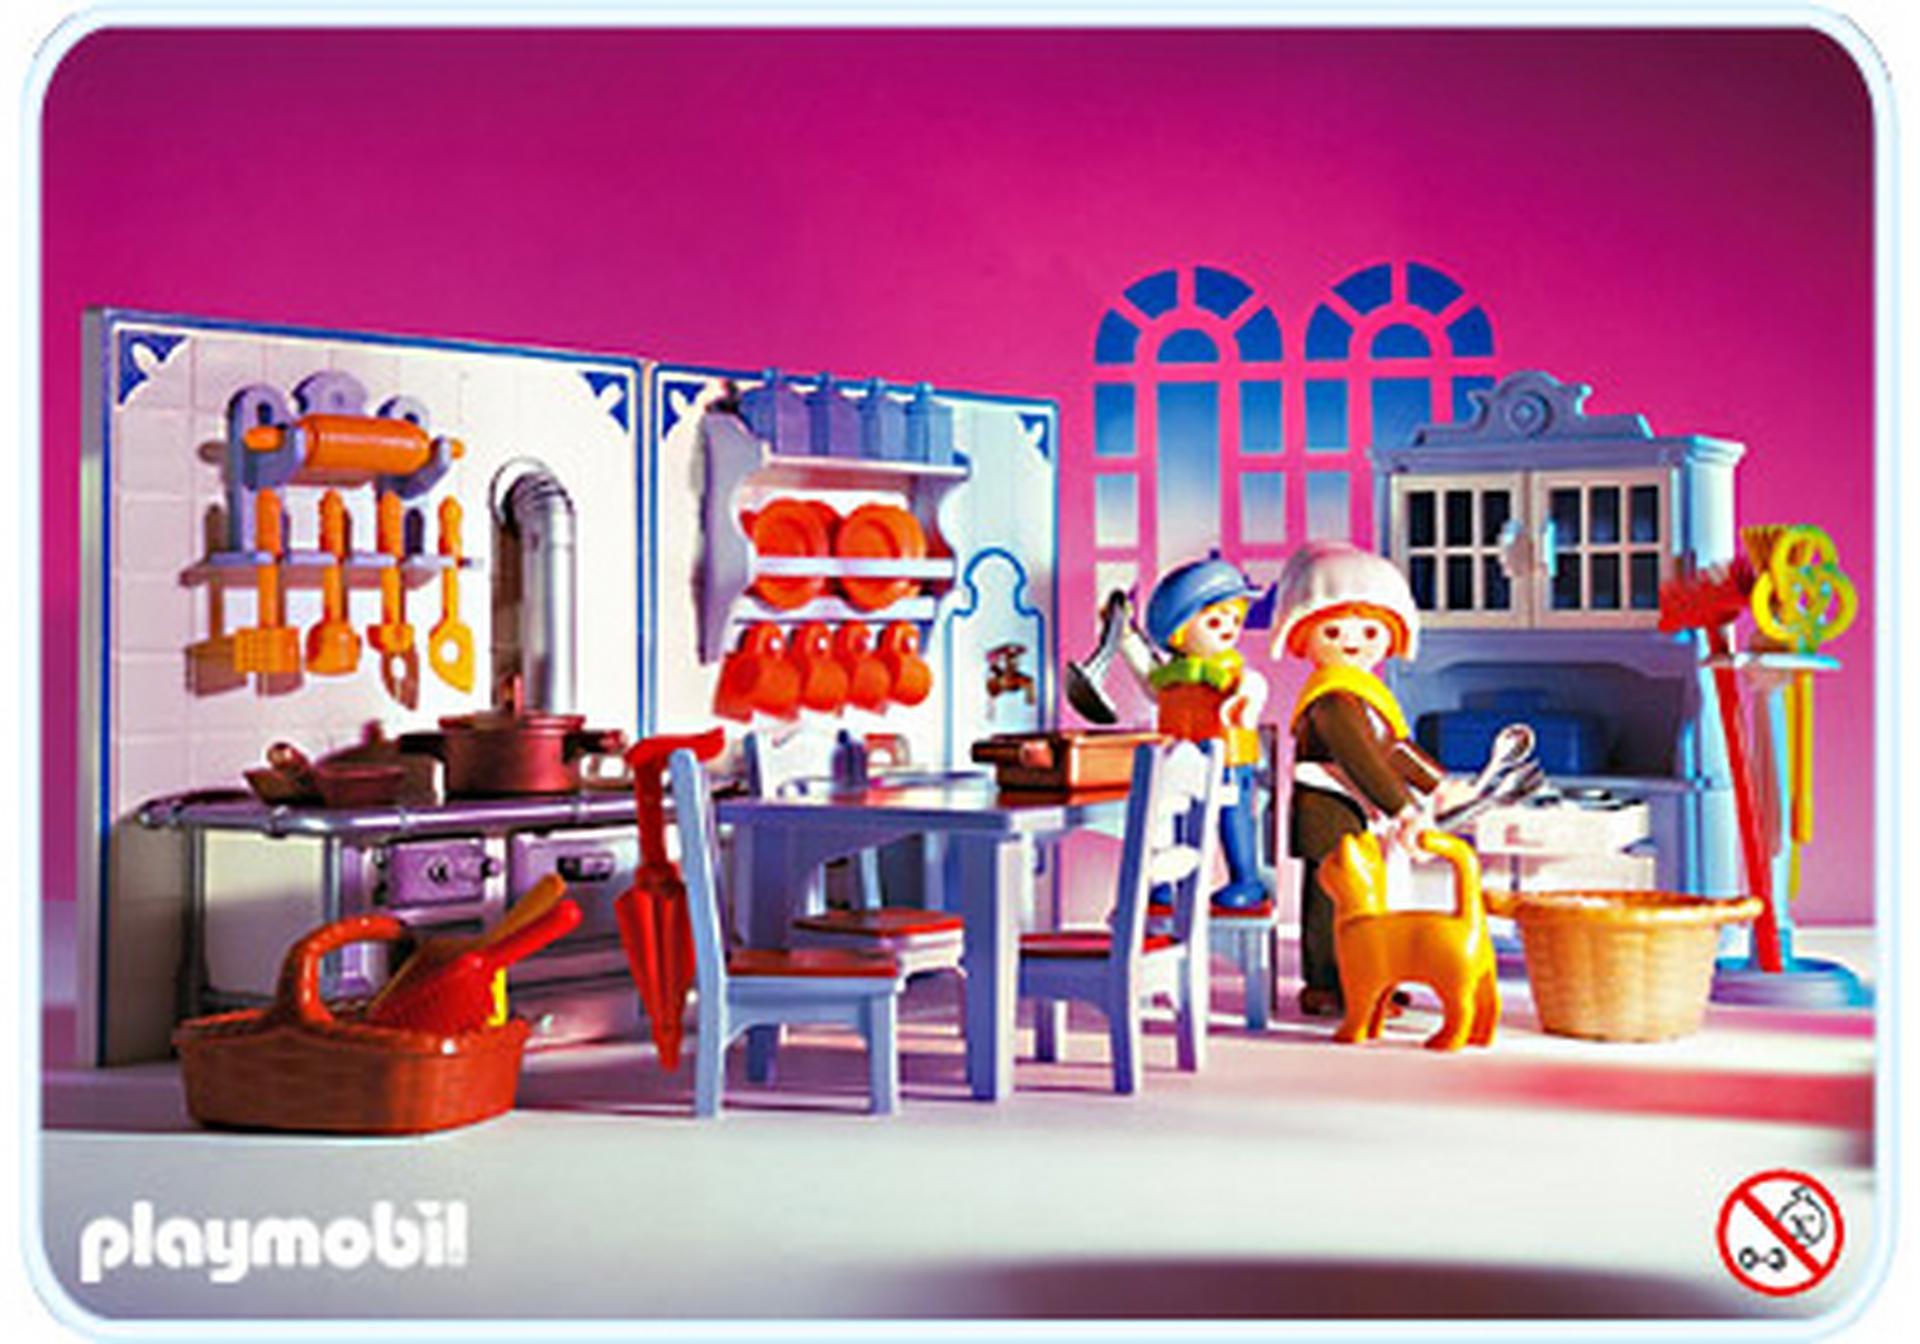 cuisine 5322 a playmobil france. Black Bedroom Furniture Sets. Home Design Ideas